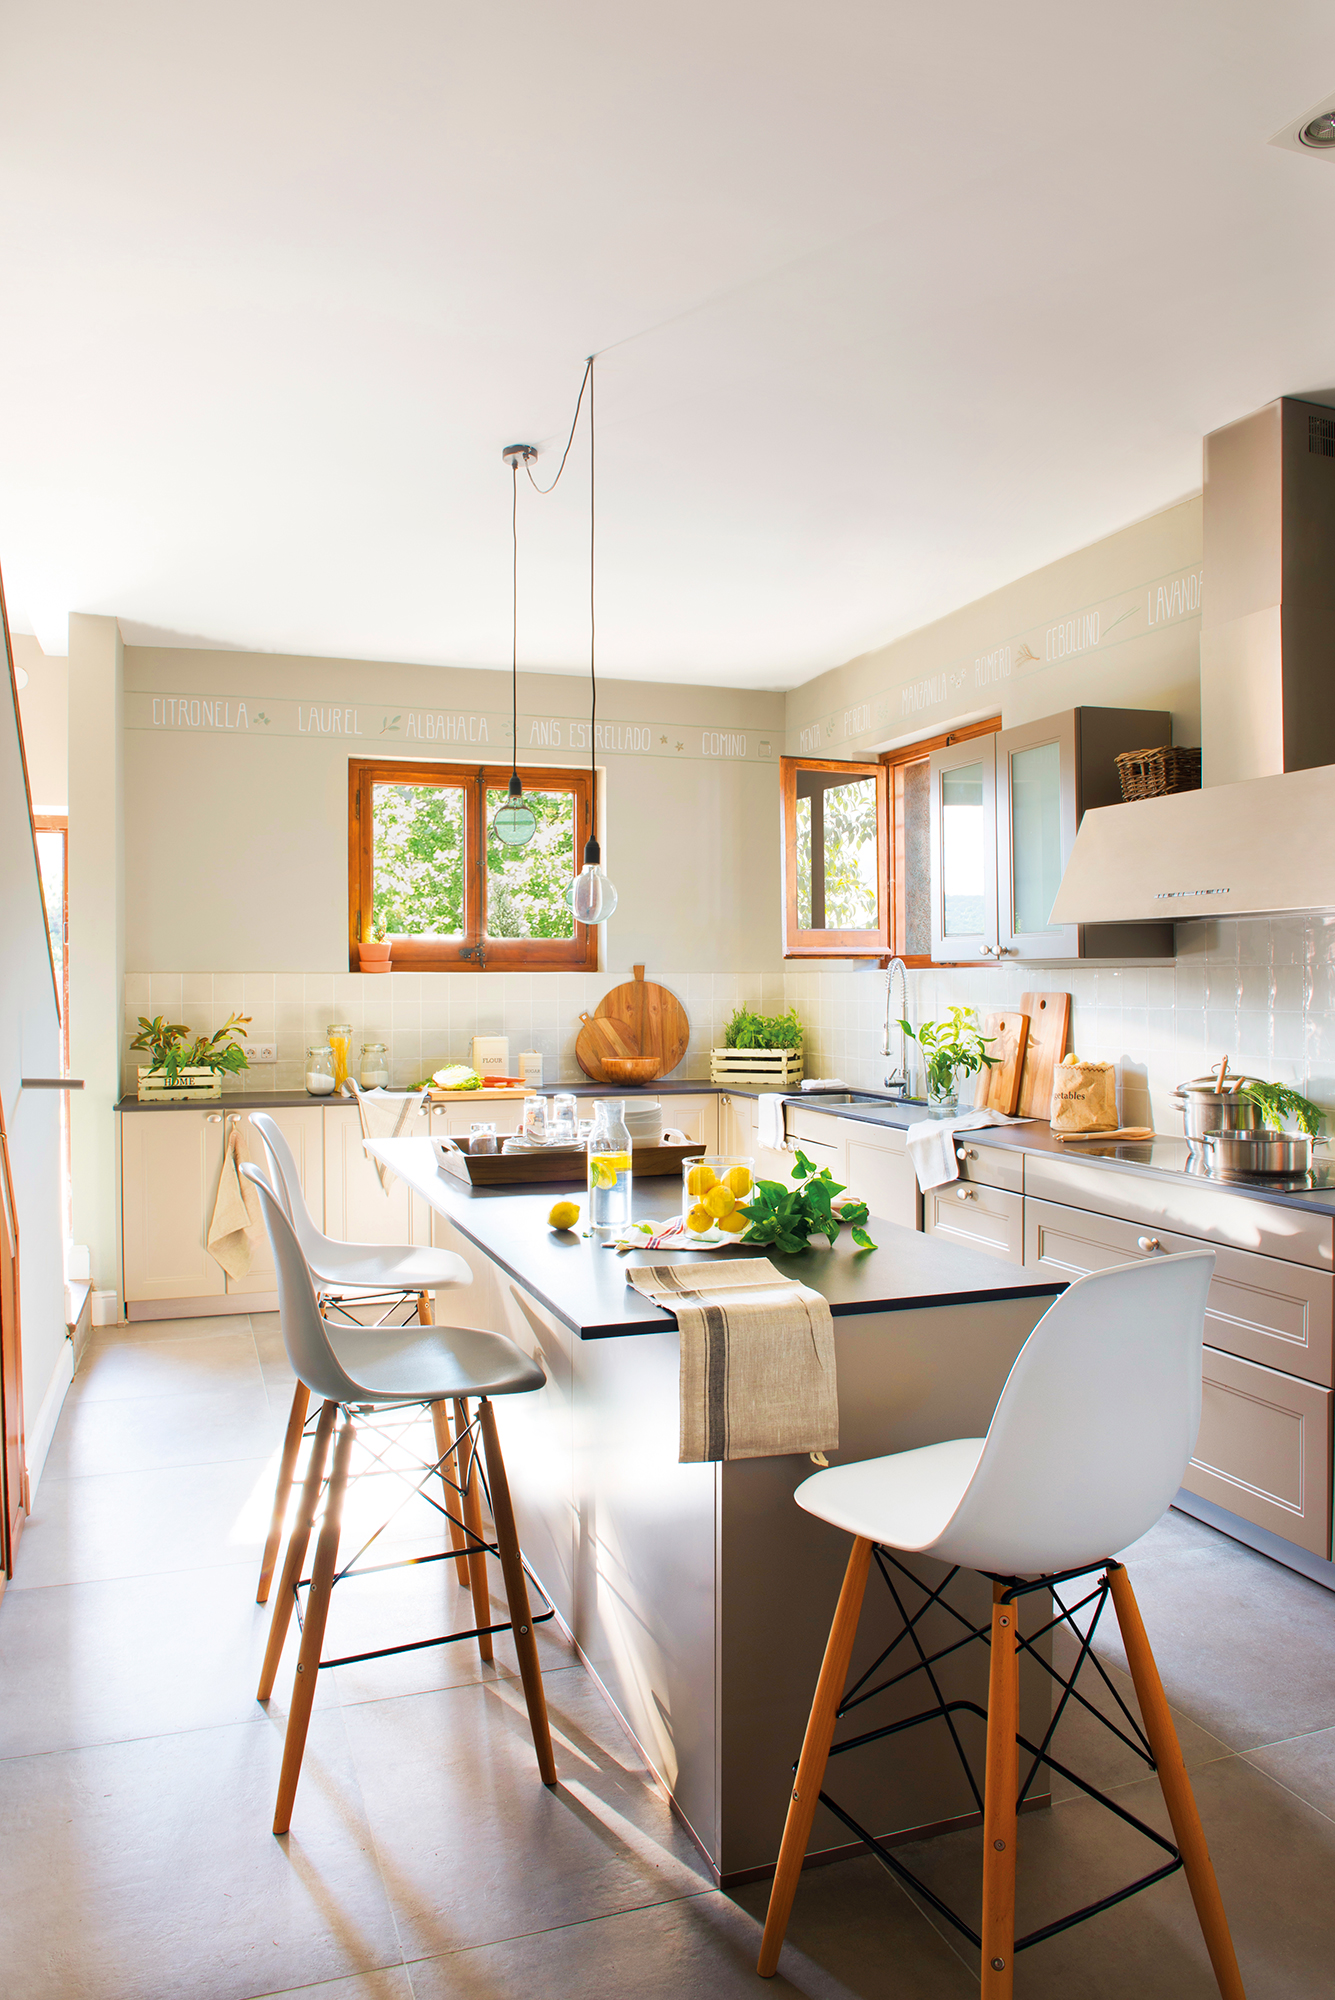 Cocinas muebles decoraci n dise o blancas o peque as - Cocina con isla central ...